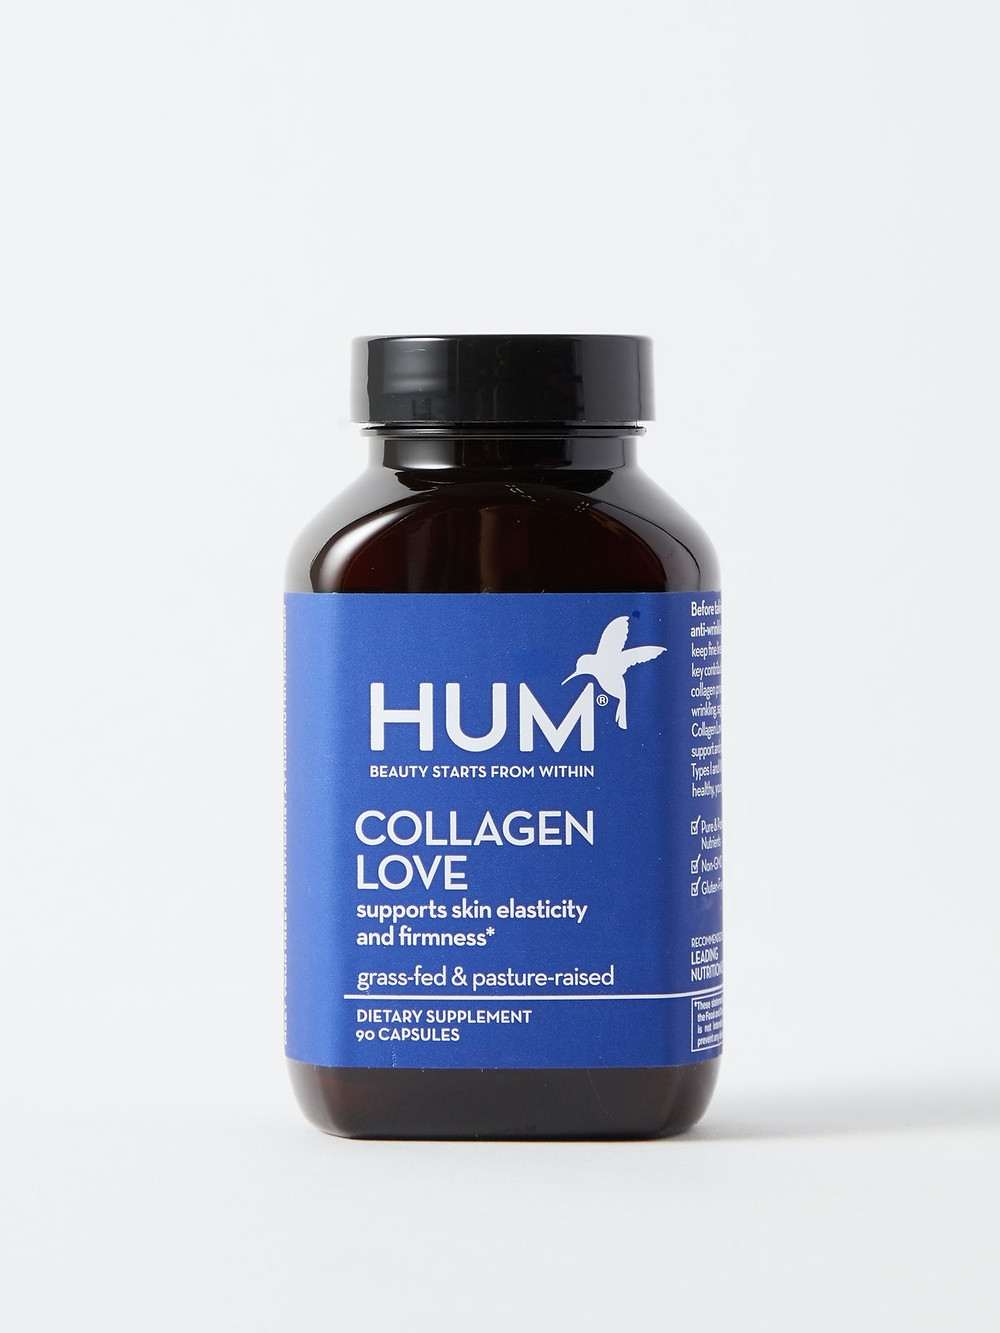 HUM Collagen Love supplement capsules